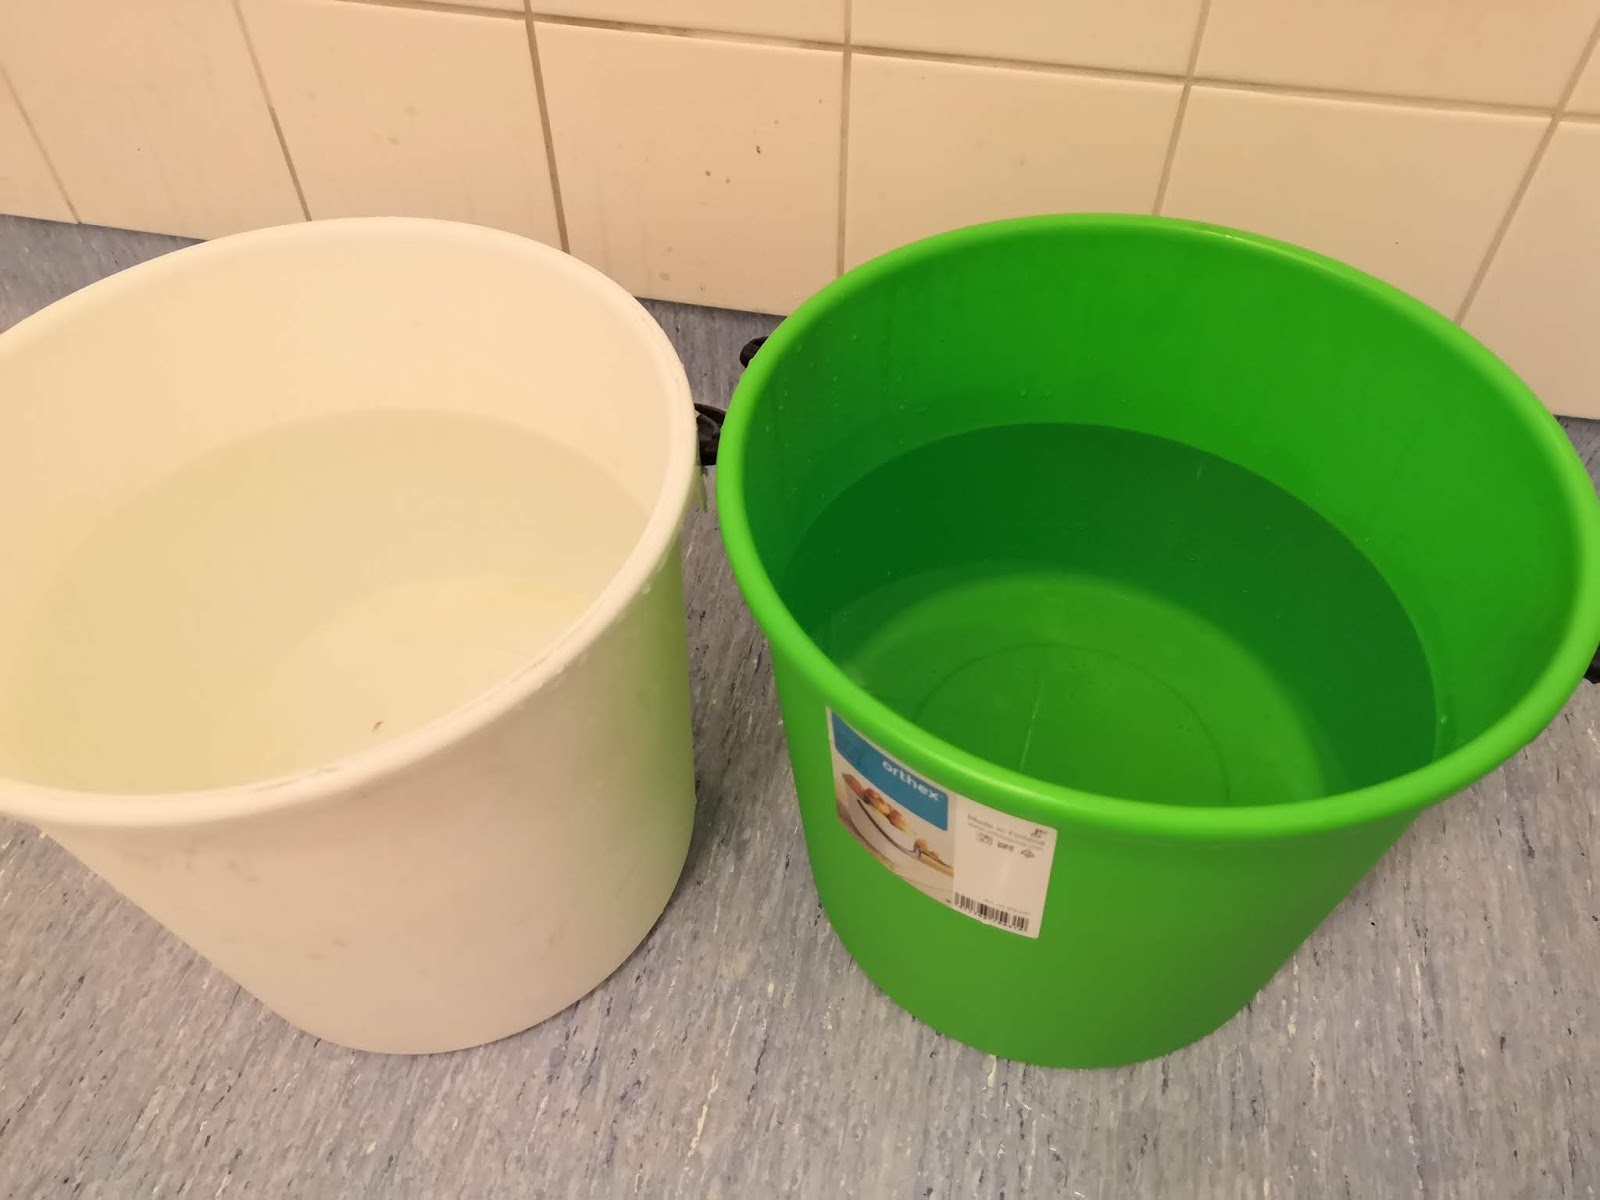 Laita ämpäriin niin kuumaa vettä kuin hanasta tulee (liian kylmällä vedellä  värjäys ei onnistu). Eli tulikuumaa vettä ämpäriin ja ämpäri melkein  täyteen. 7c79270321